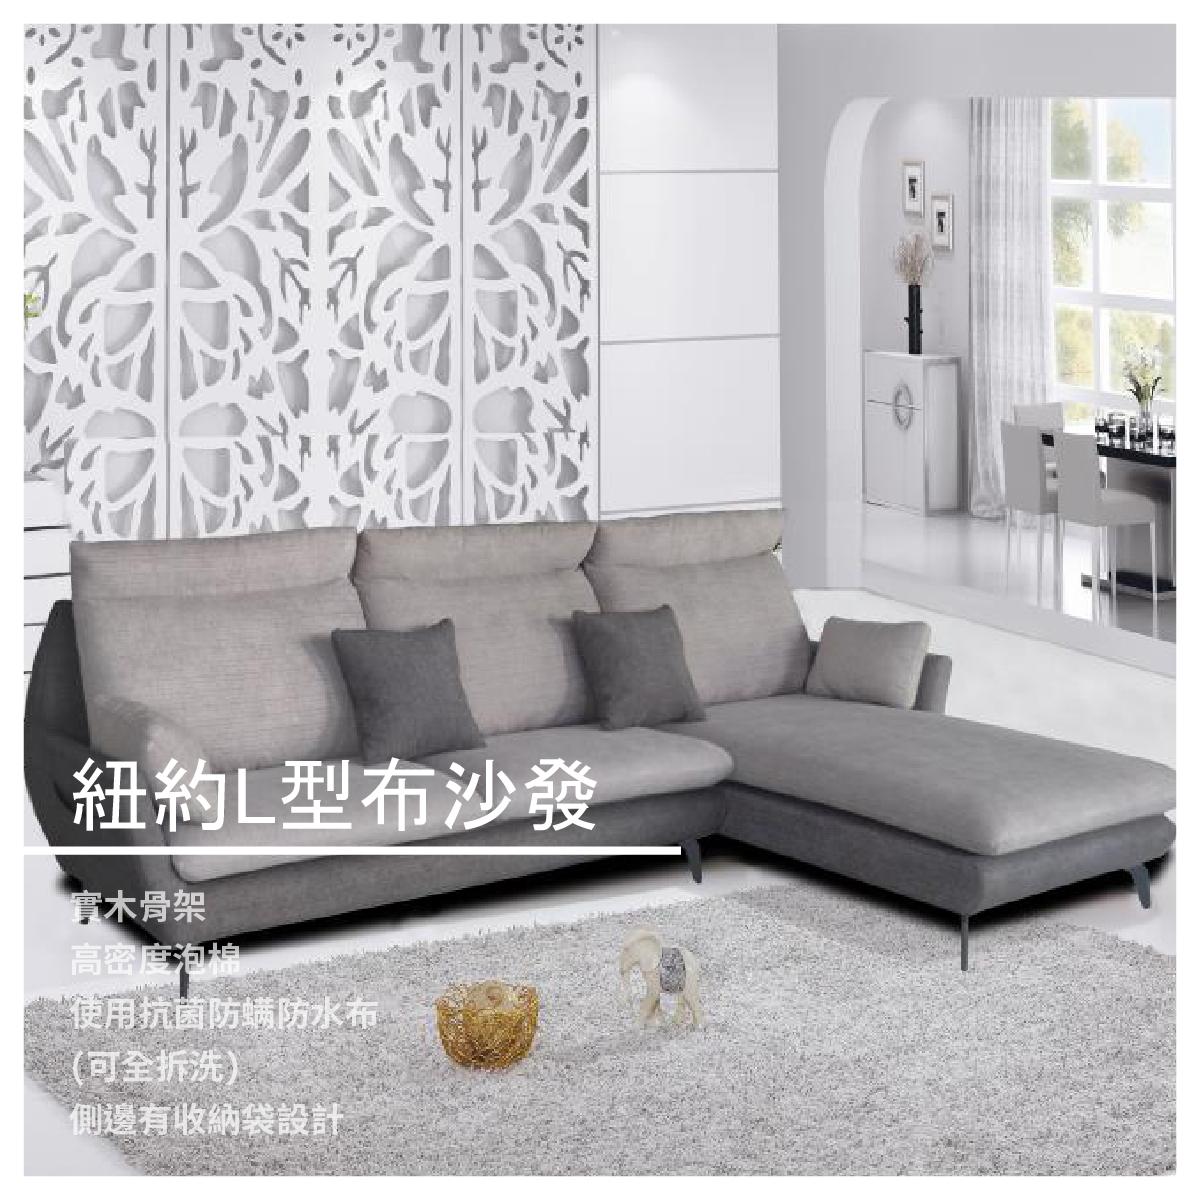 【長榮家具】紐約L型布沙發